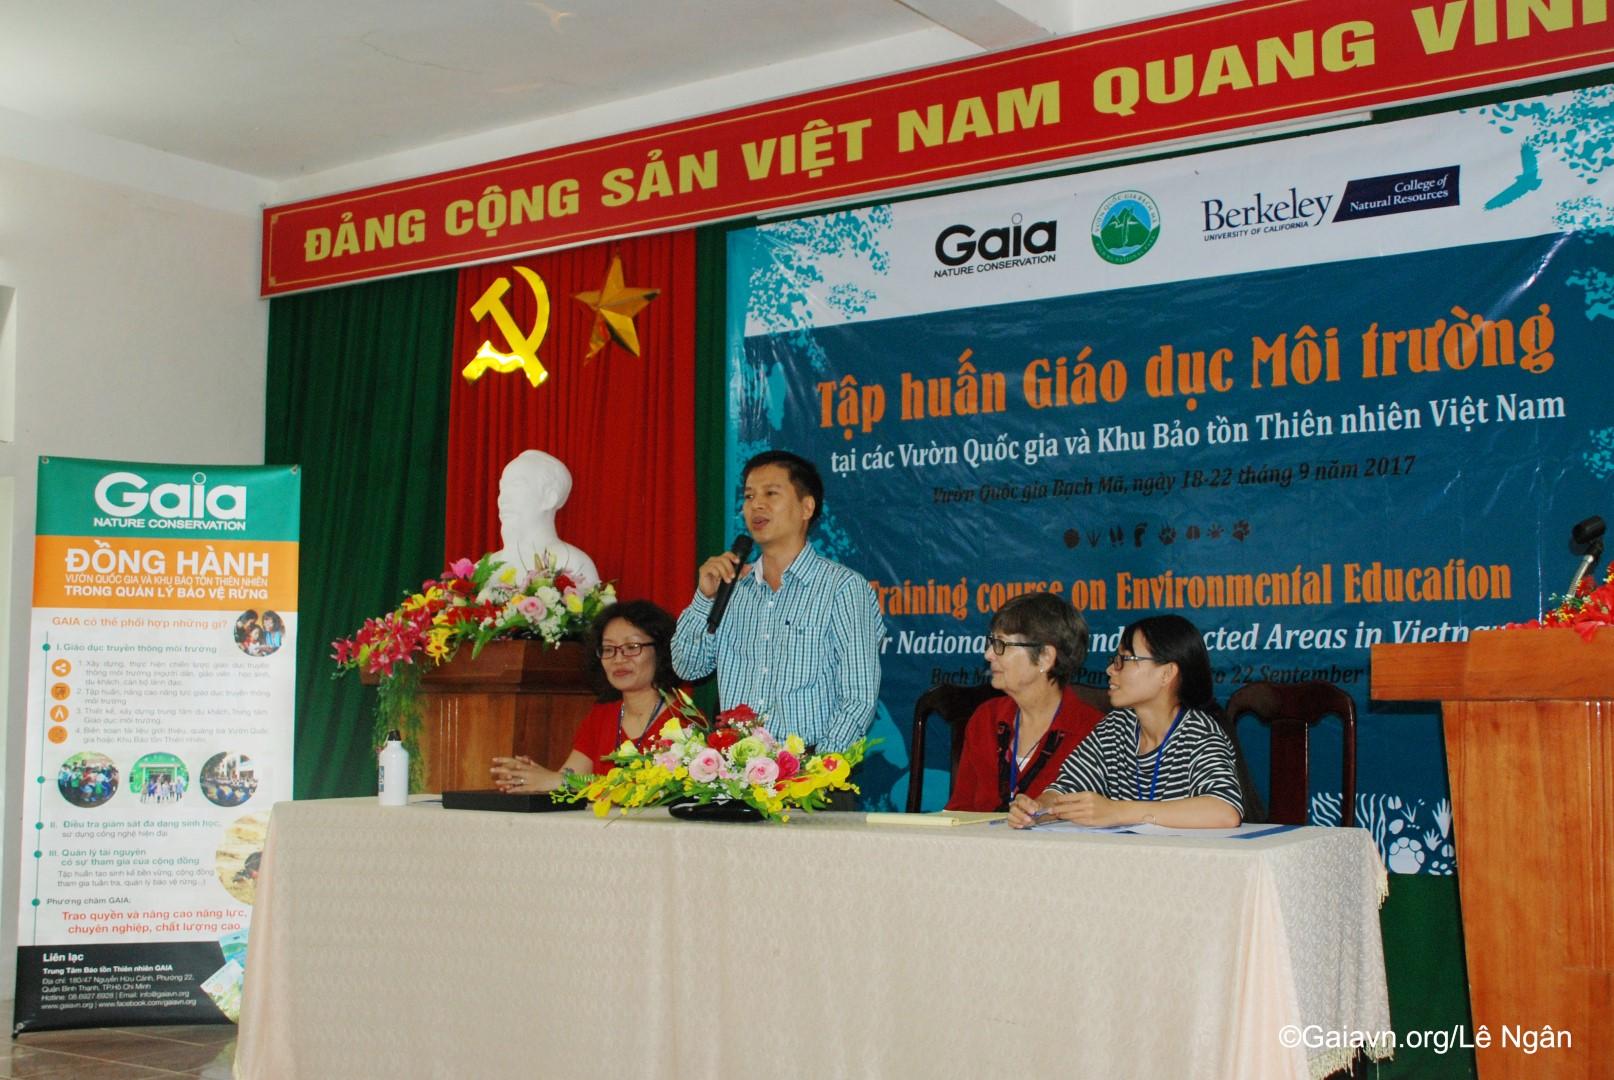 ng Nguyễn Vũ Linh – Phó Giám đốc Vườn quốc gia Bạch Mã, phát biểu khai mạc Tập huấn